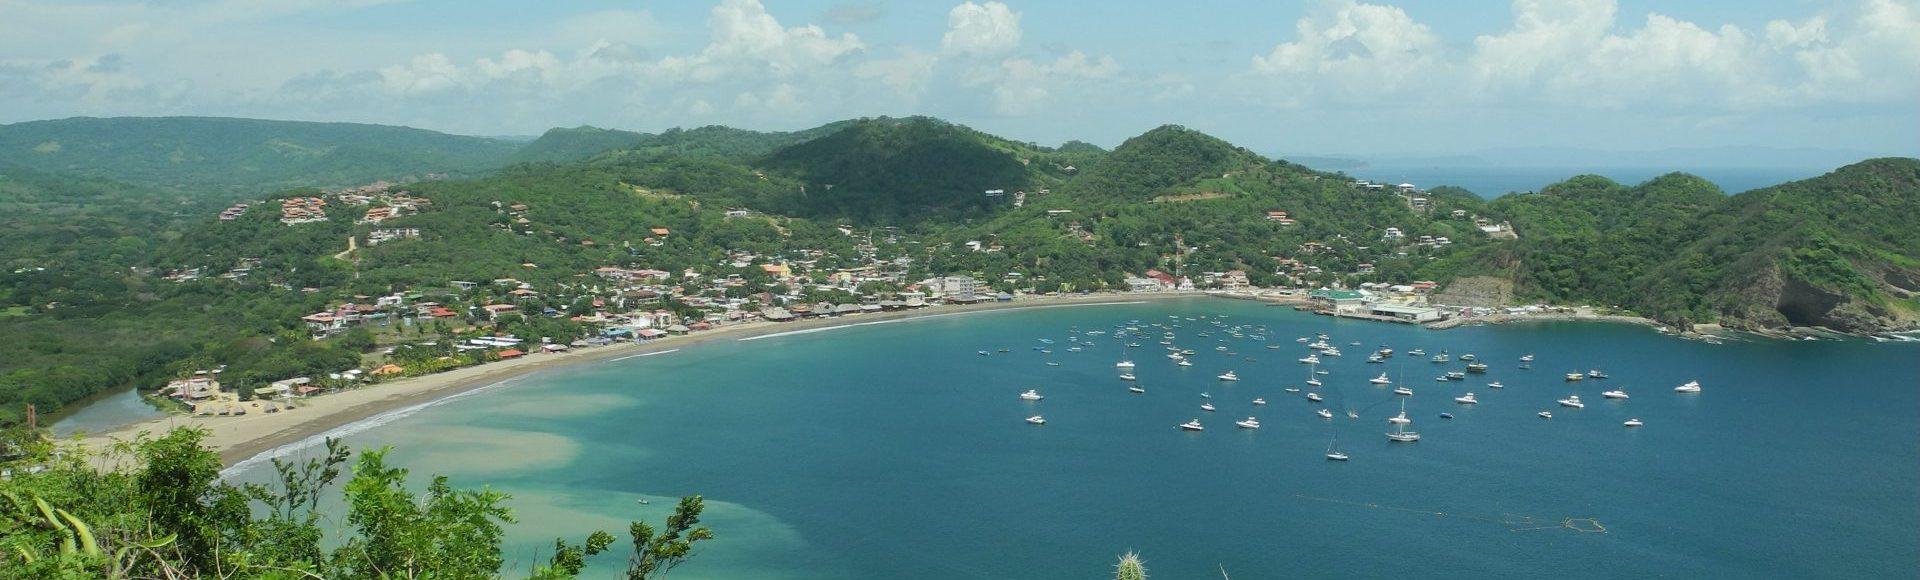 San Juan del Sur(f), ville d'occident